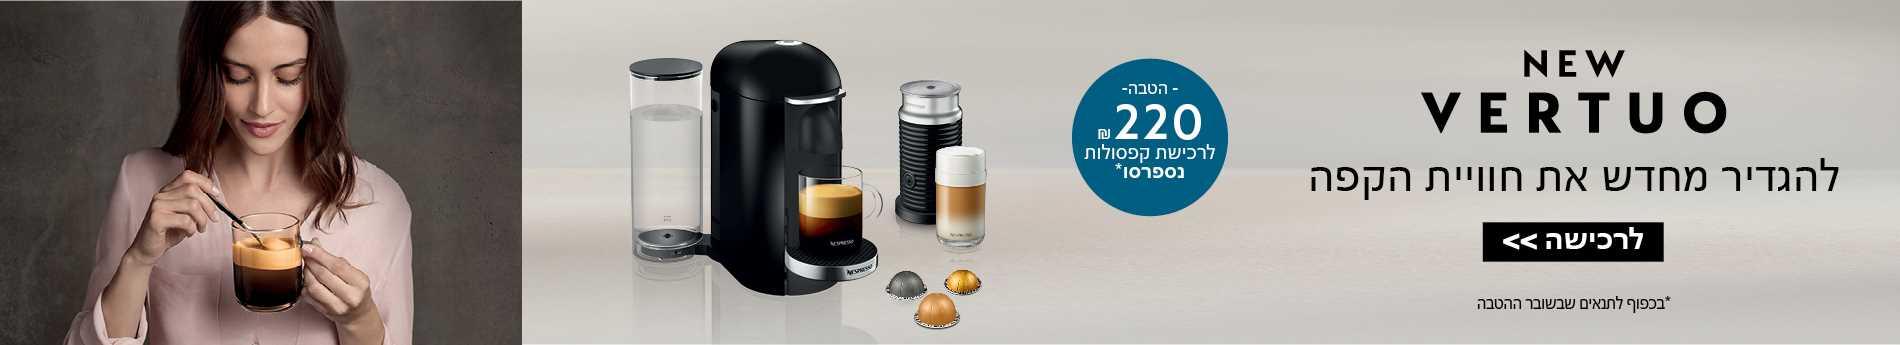 New Vertuo להגדיר מחדש את חוויית הקפה